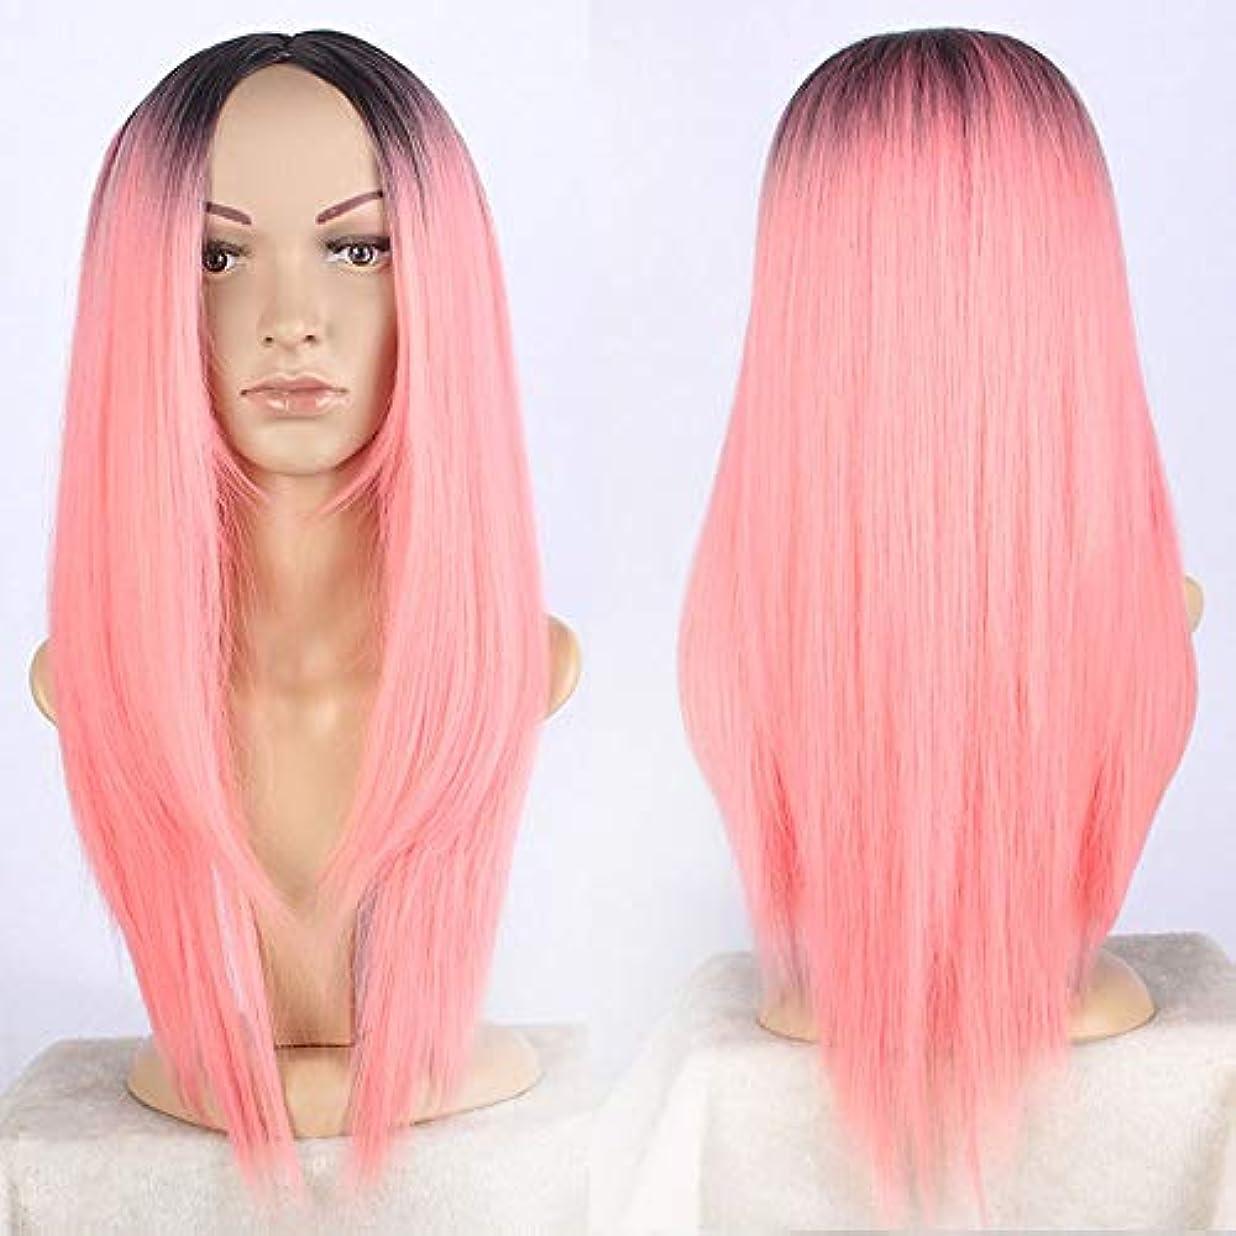 WASAIO 女性のためのピンクのかつらダークルーツ自然に見えるストレートフルウィッグデイリードレス耐熱ブロンドアクセサリーヘアスタイルの交換 (色 : ピンク)